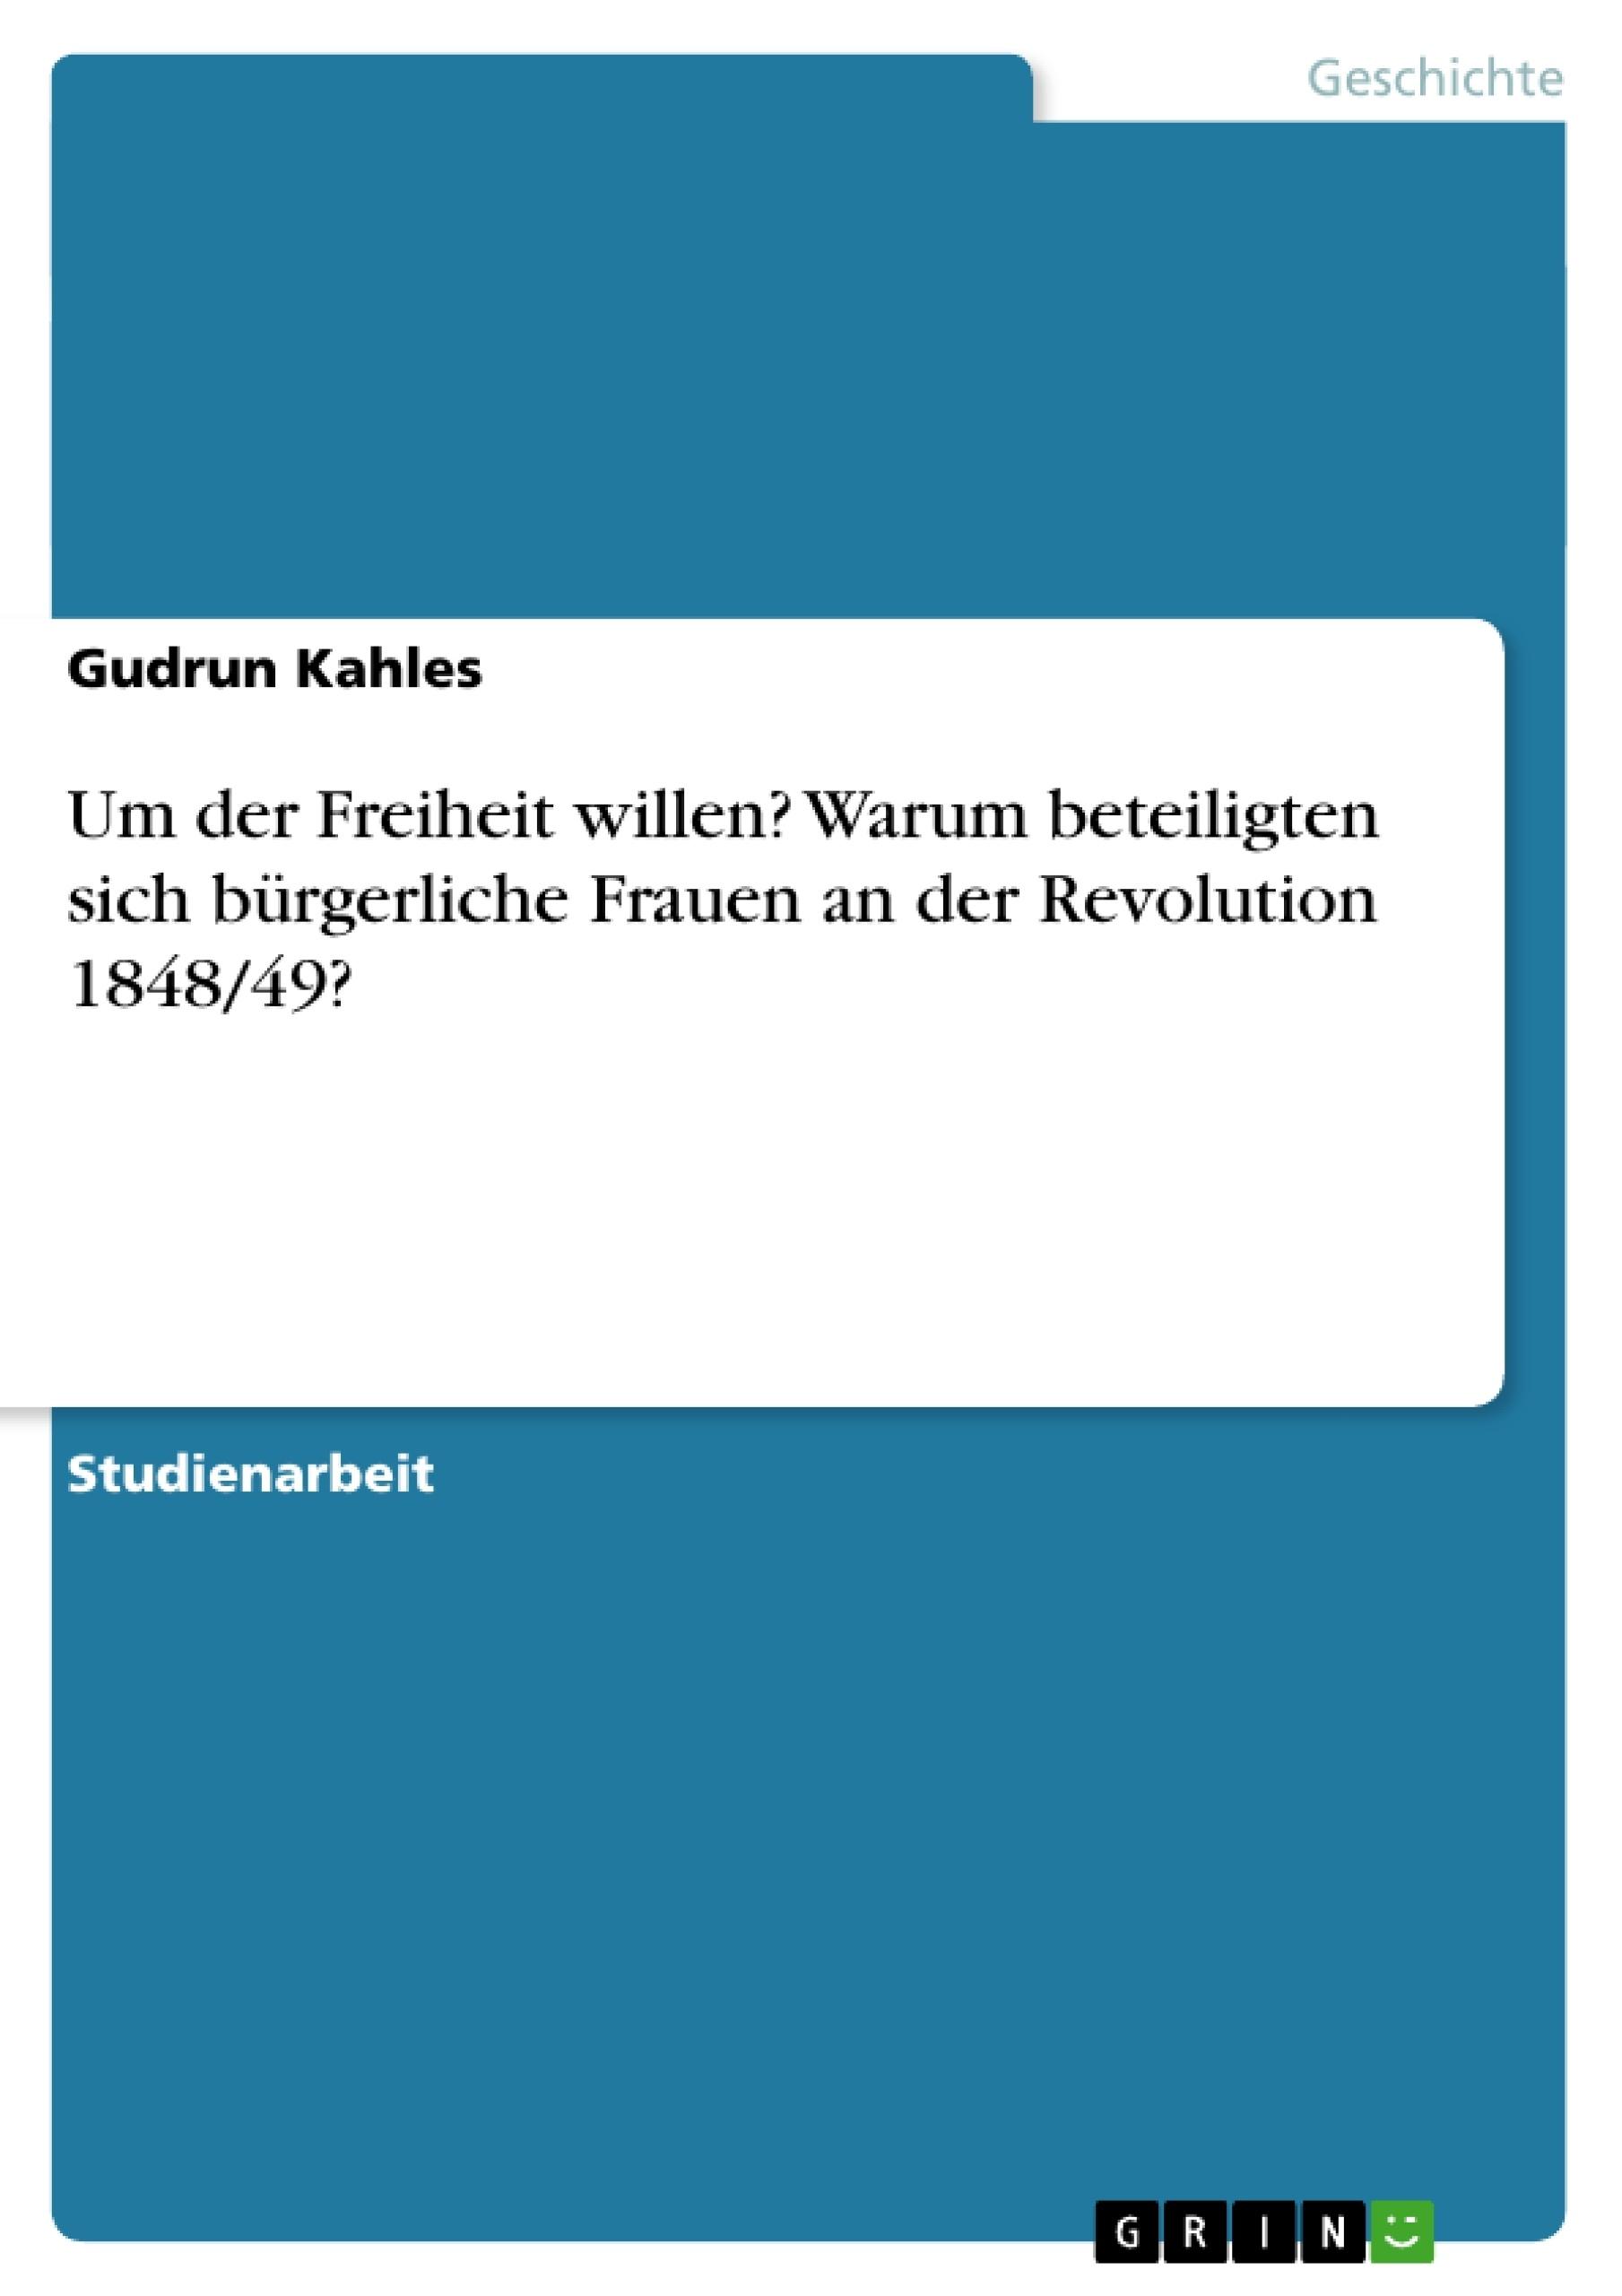 Titel: Um der Freiheit willen? Warum beteiligten sich bürgerliche Frauen an der Revolution 1848/49?